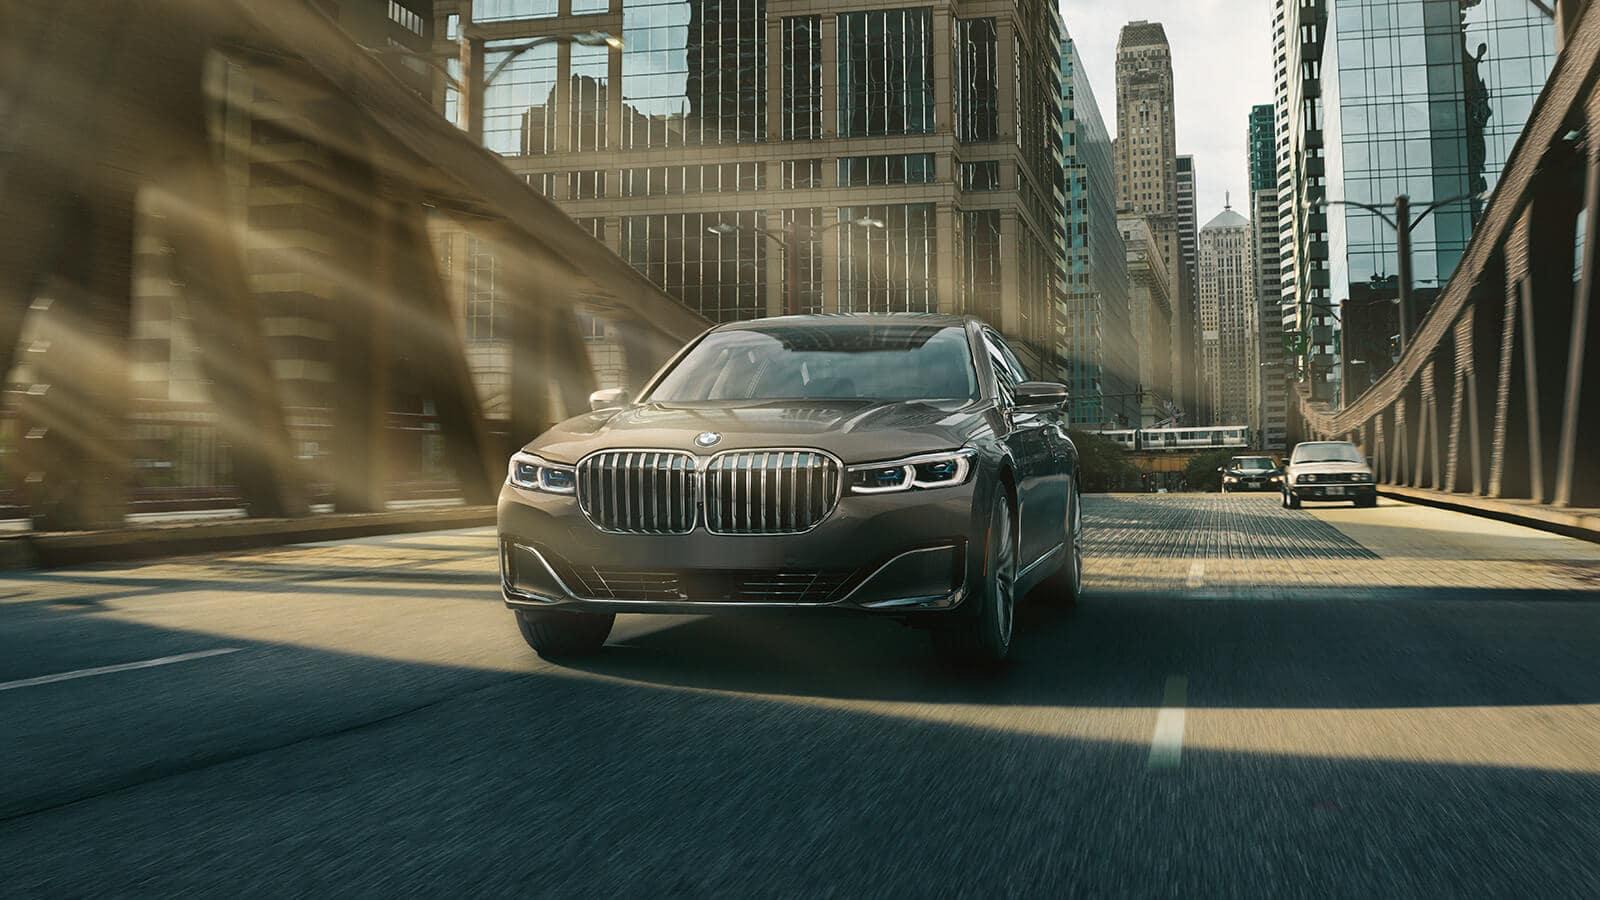 2020 BMW 7 Series vs 2019 Lexus LS in Shreveport, LA